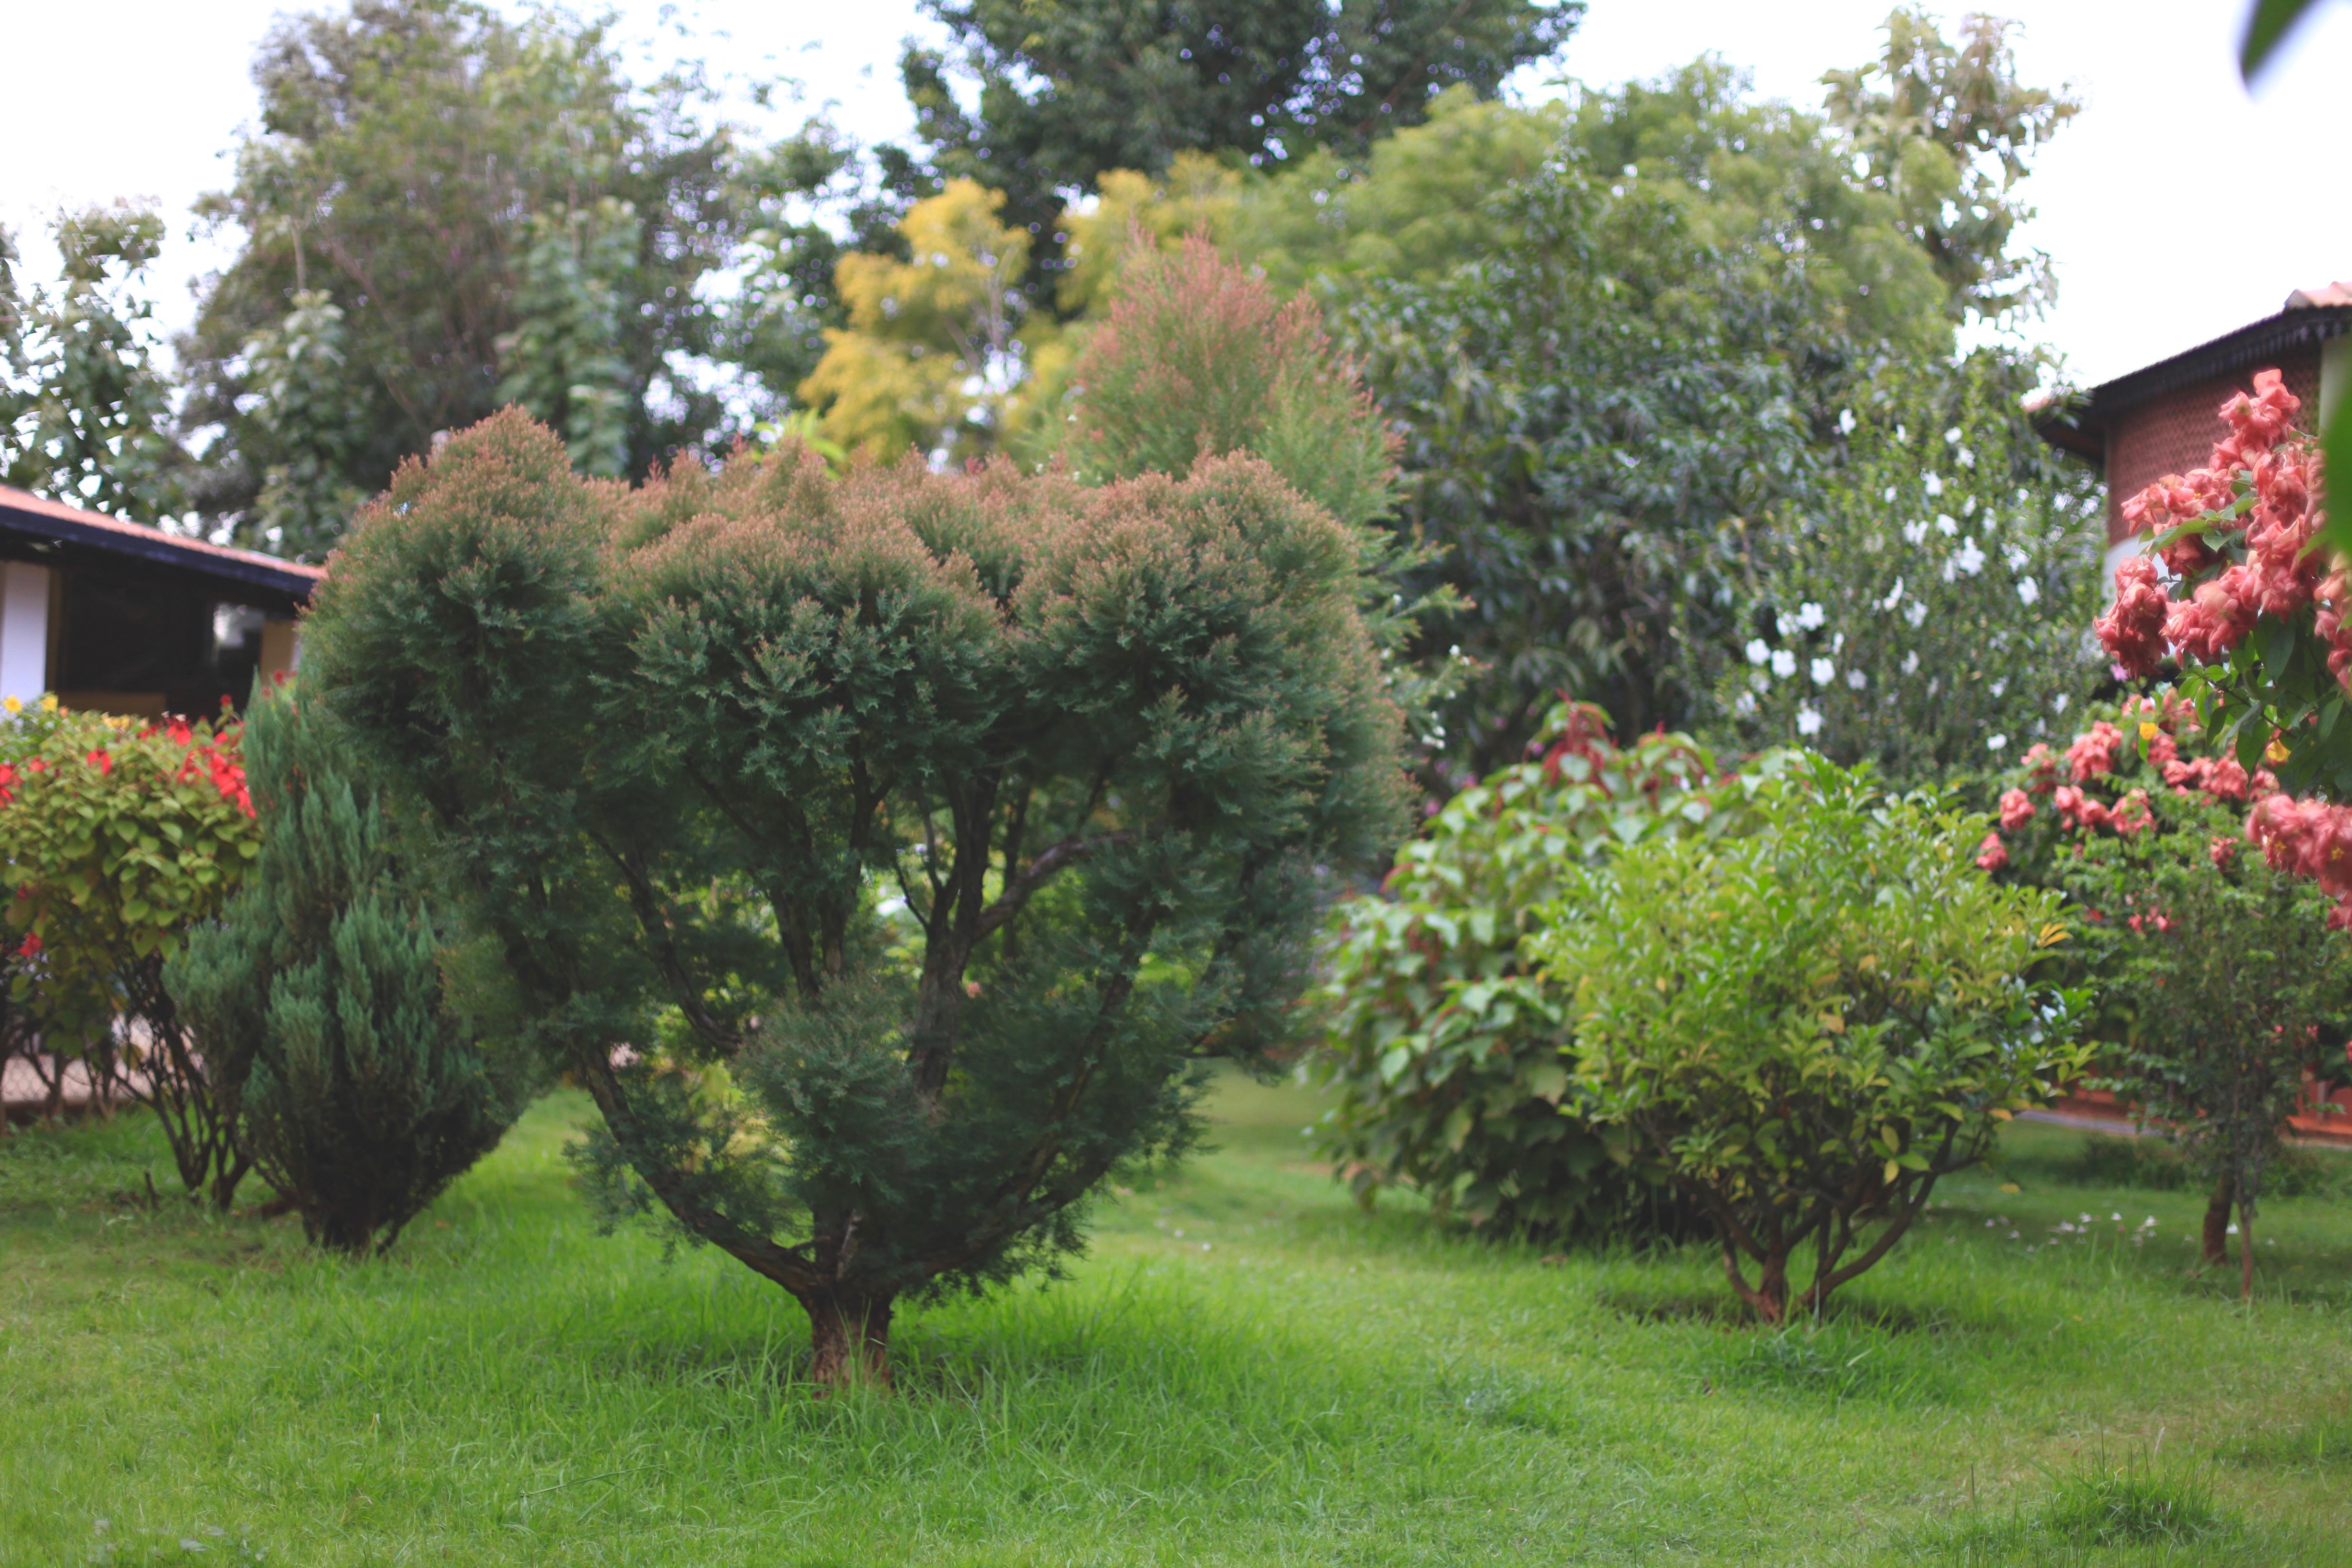 The spectacular garden